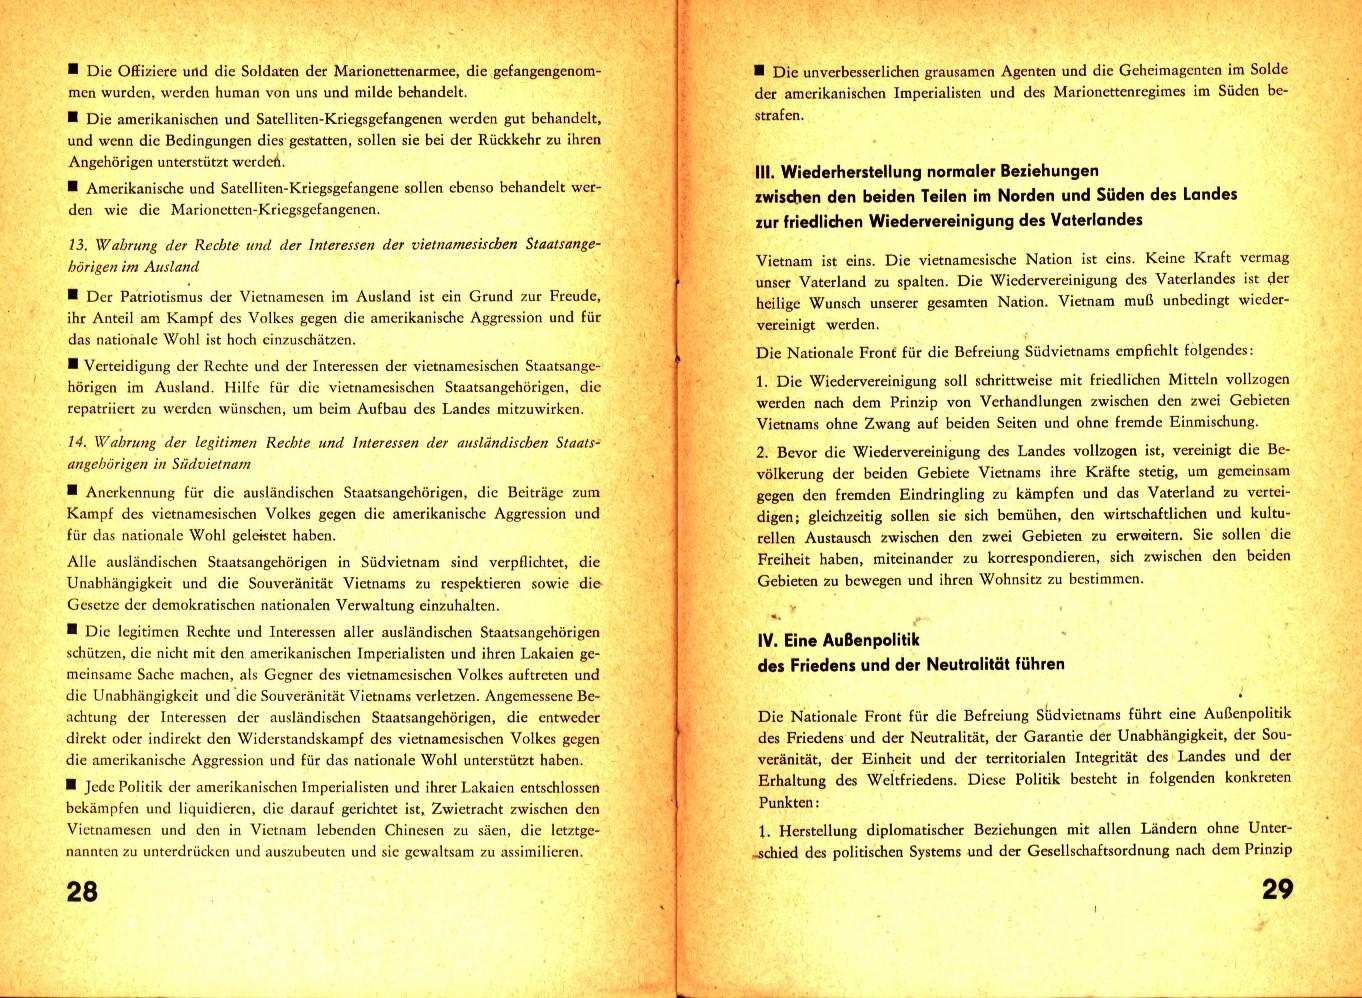 FNL_1967_016